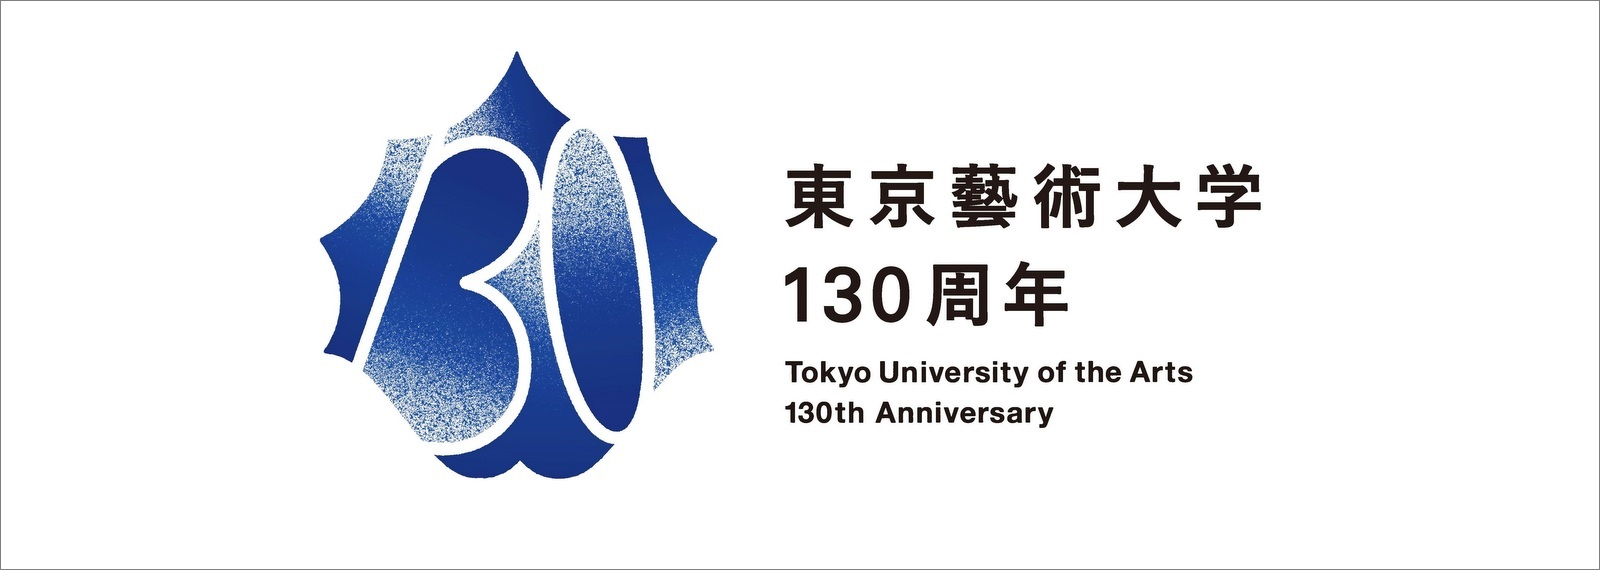 130周年記念事業